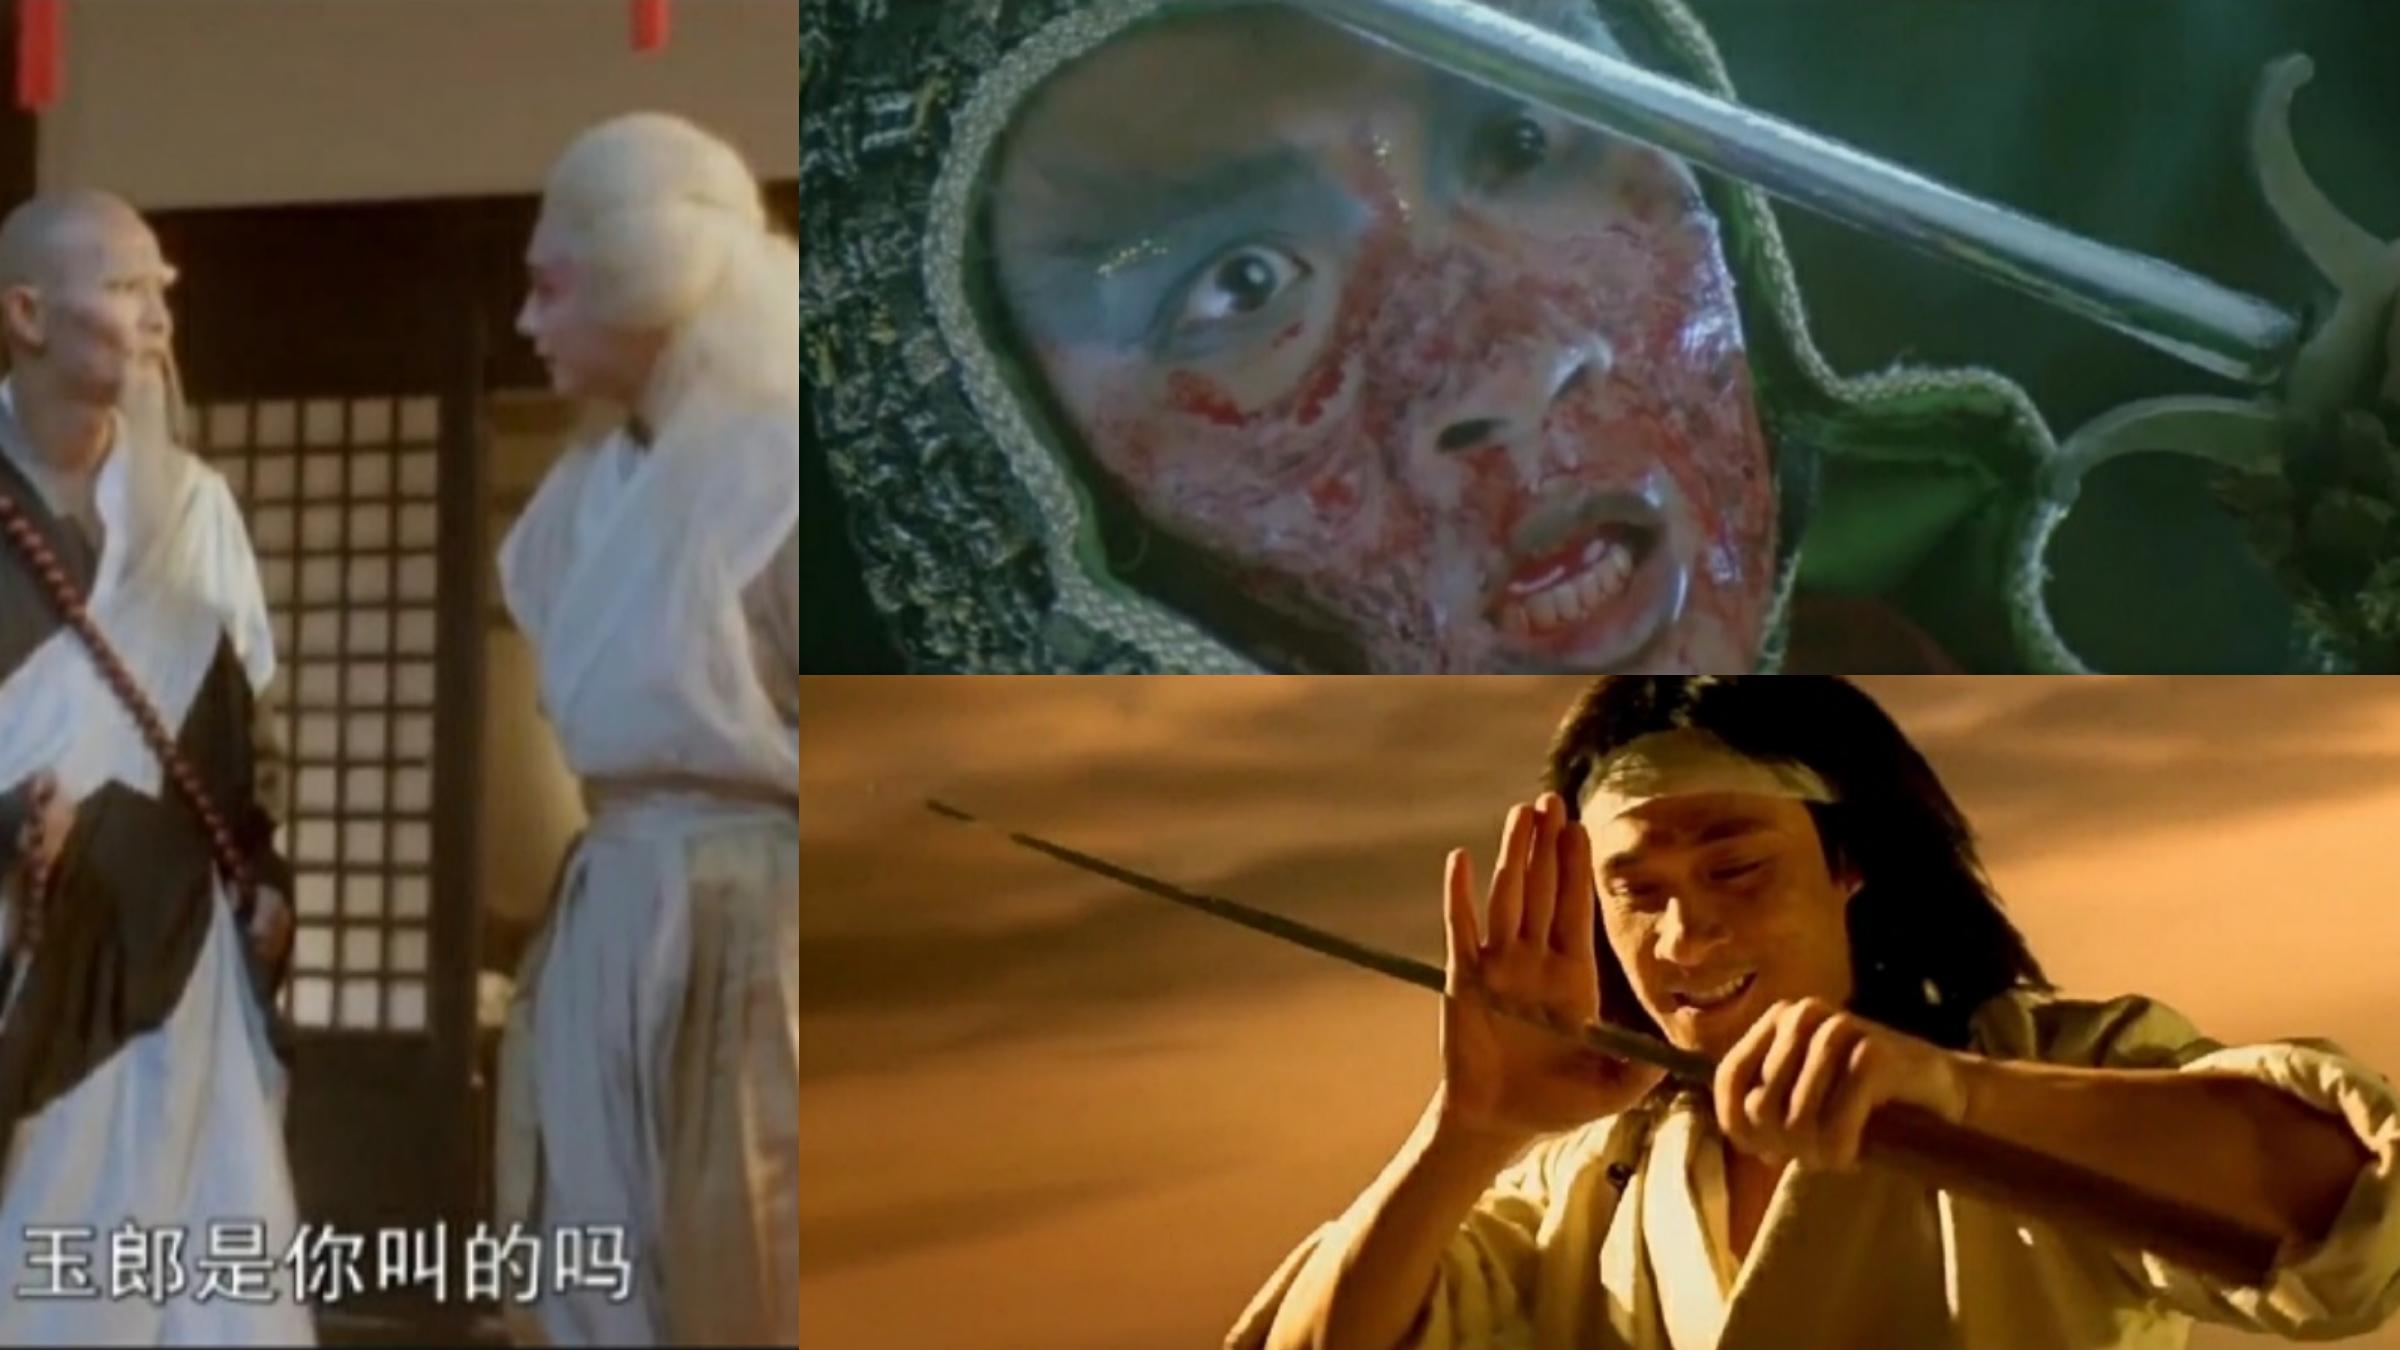 """盘点:吴镇宇所饰演的三个反派角色。""""玉郎是你叫的吗?"""""""